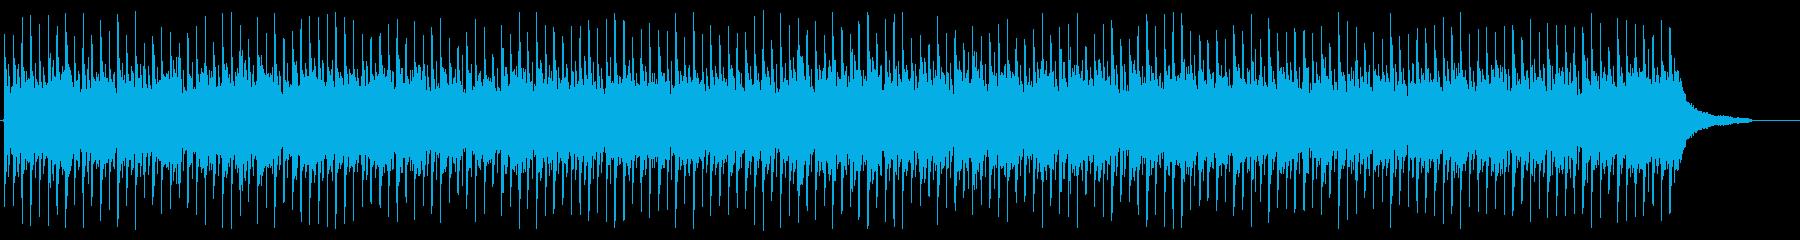 元気なCMソングの再生済みの波形